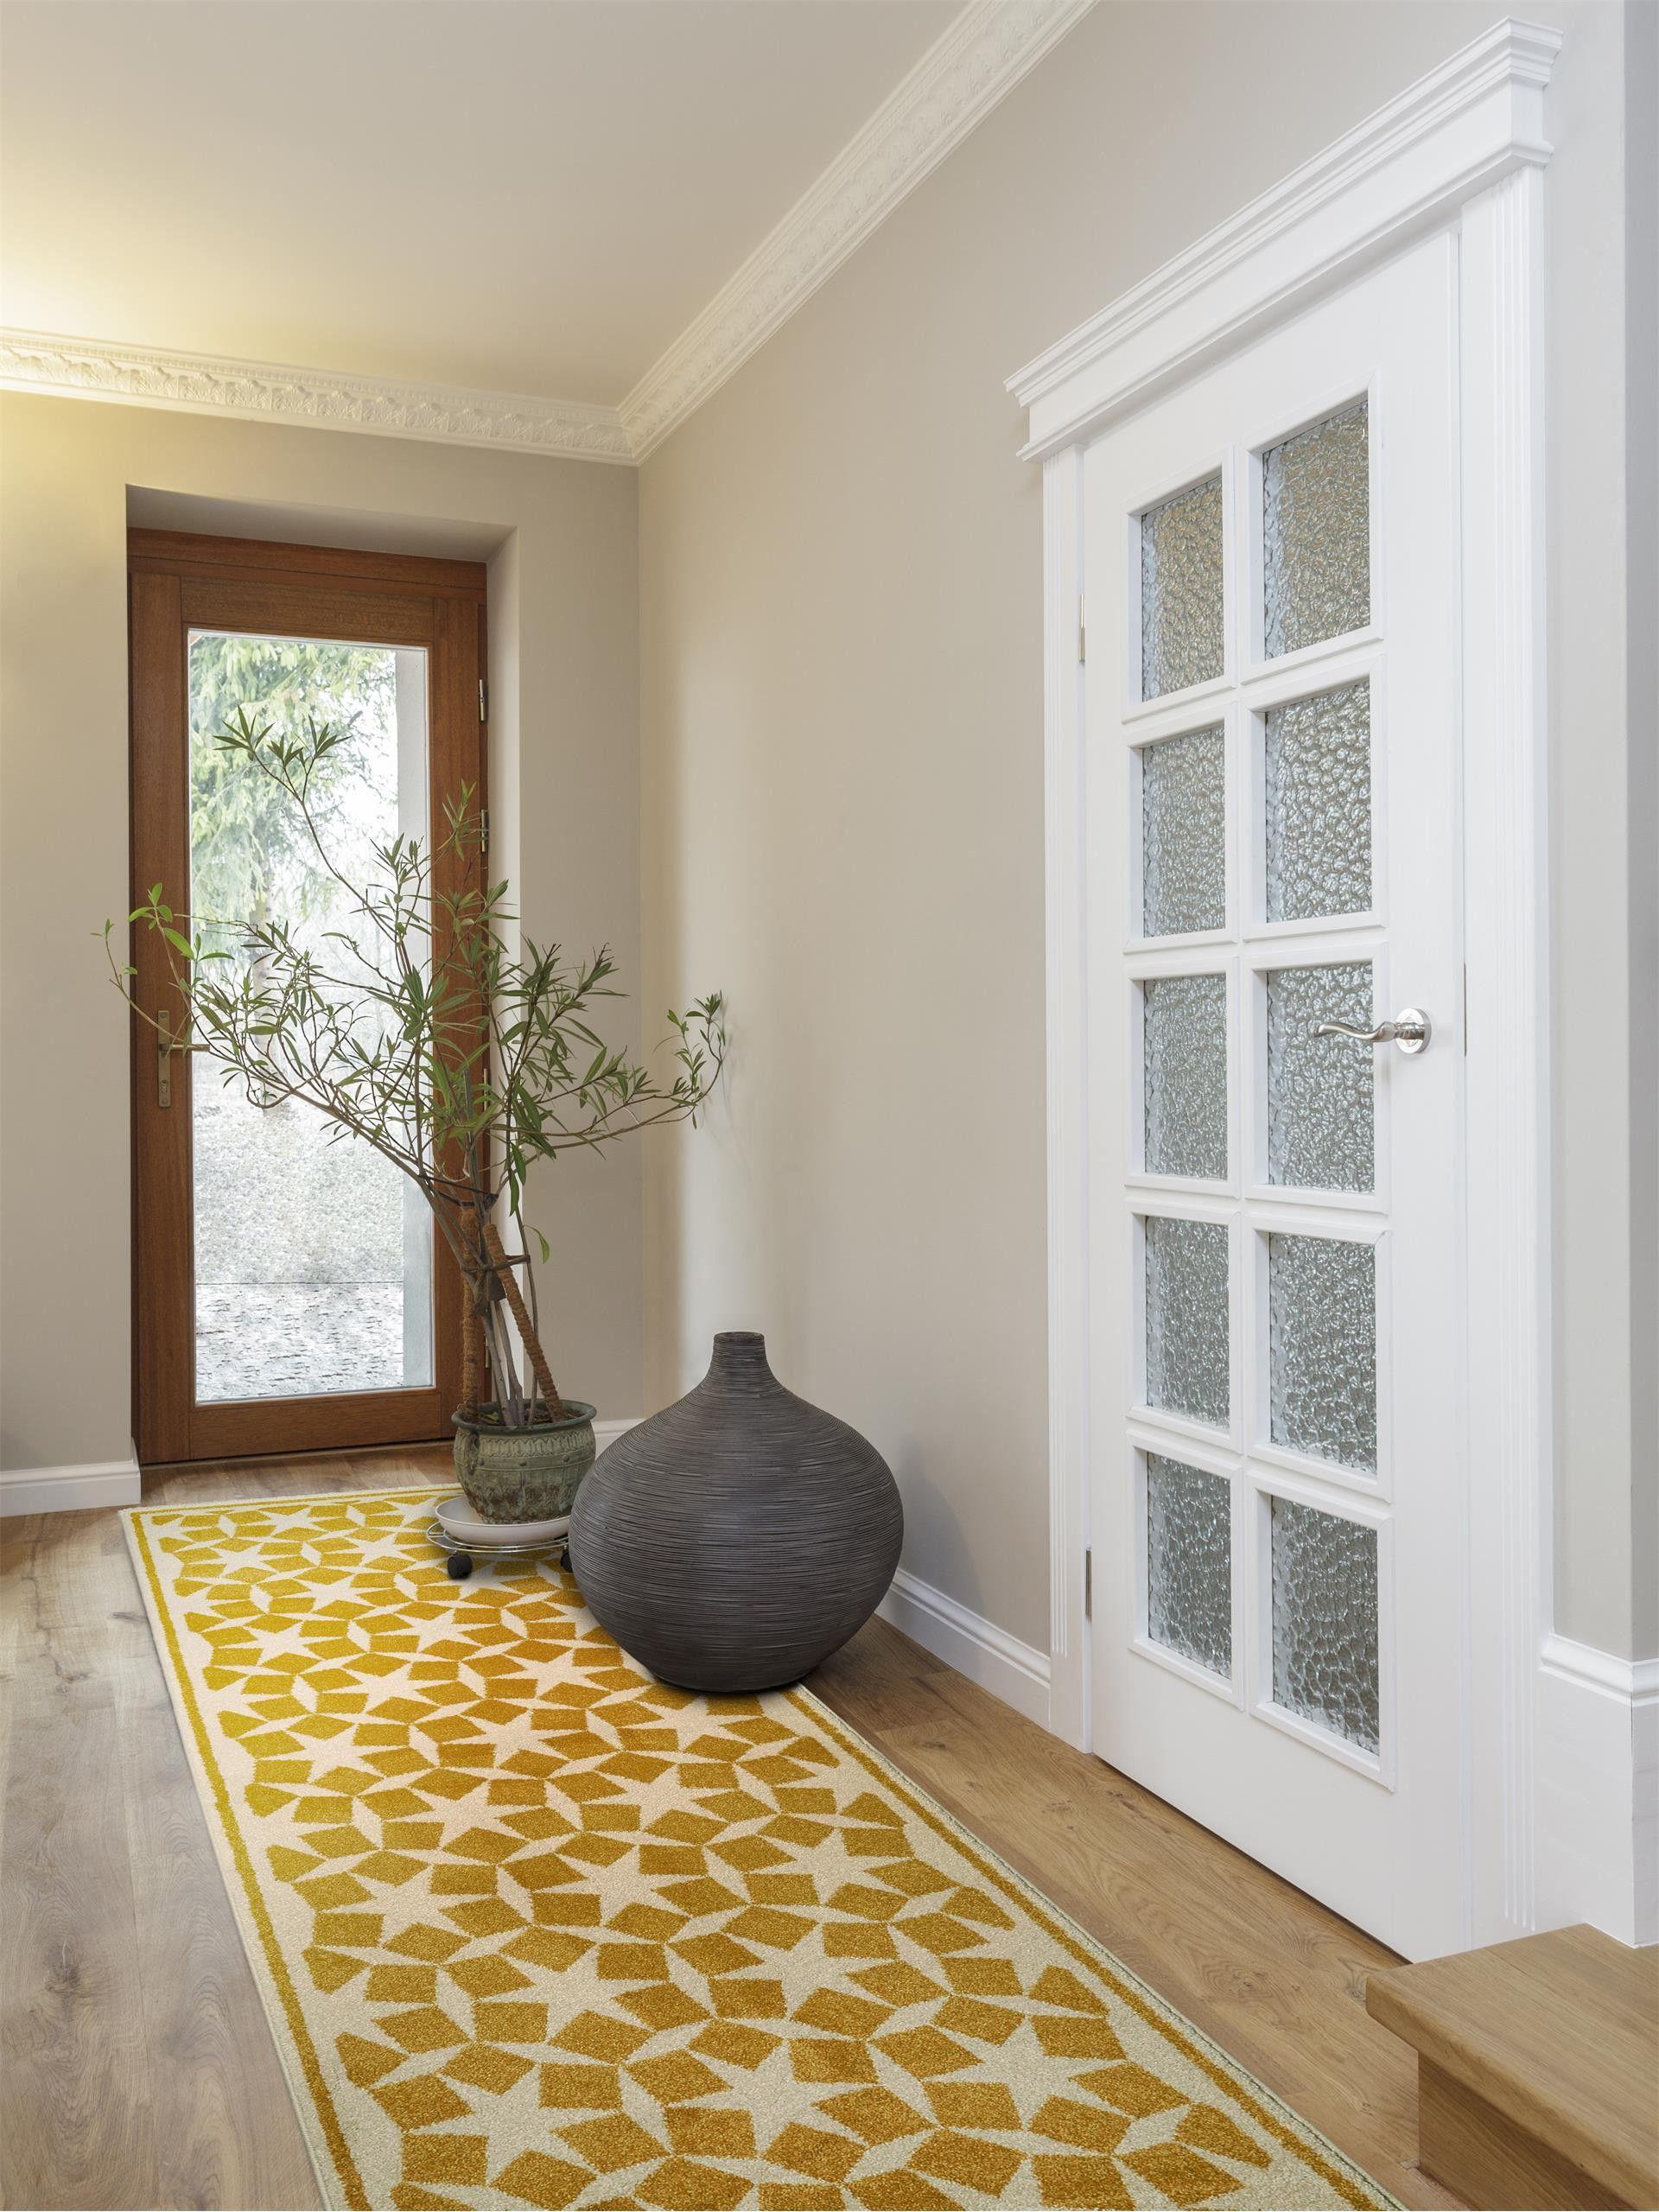 Faszinierend Teppich Flur Dekoration Von Der Schöne & Pflegeleichte Teppich-läufer Anis Von